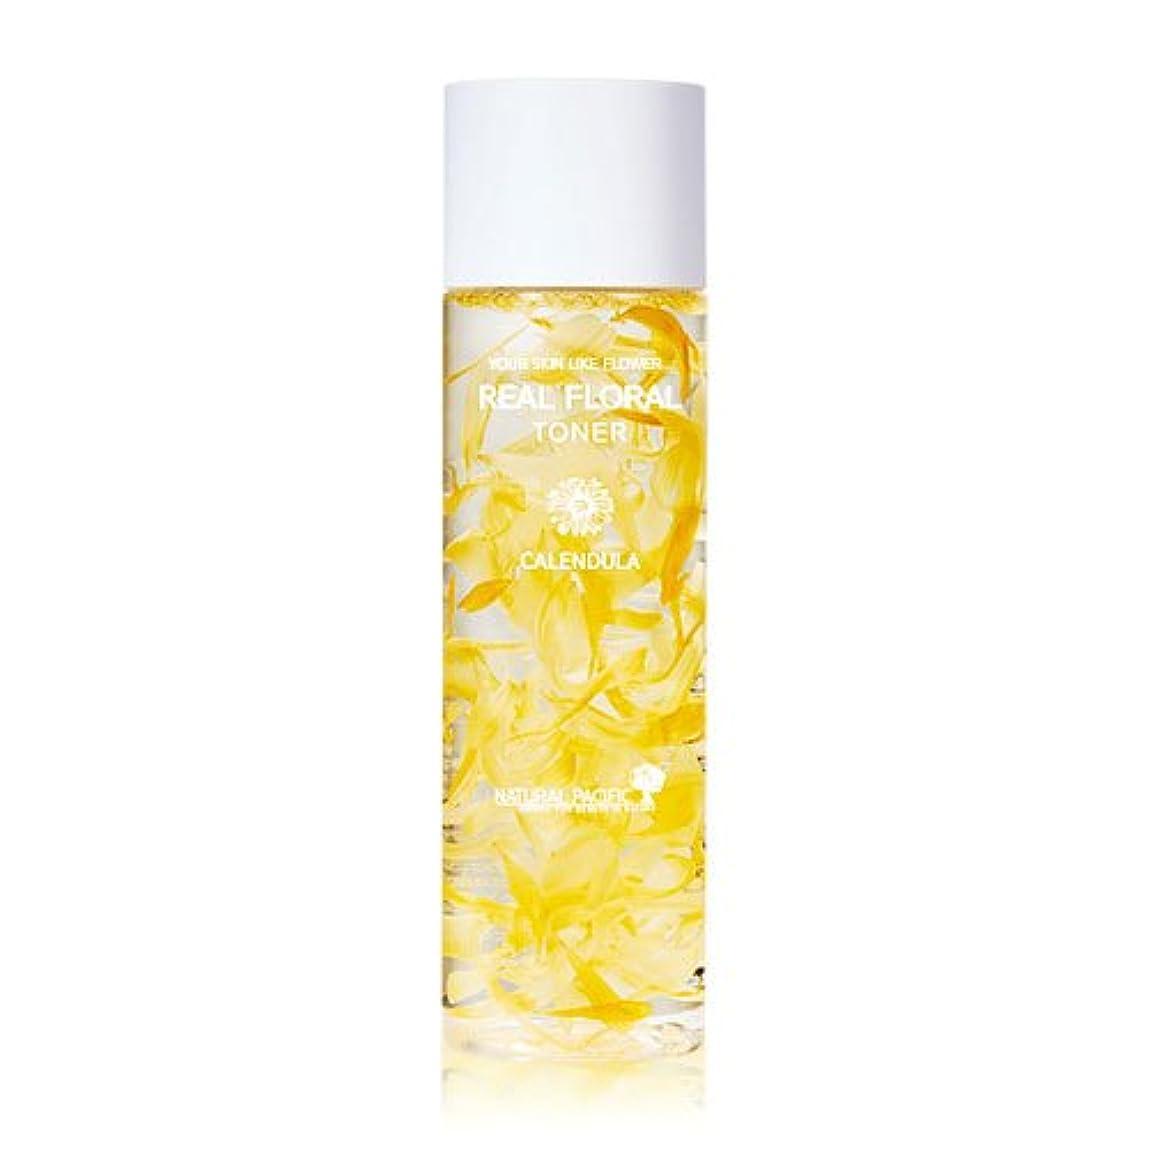 息切れハイジャックデジタル[Renewal] NATURAL PACIFIC Real Calendula Floral Toner 180ml/ナチュラルパシフィック リアル カレンデュラ フローラル トナー 180ml [並行輸入品]